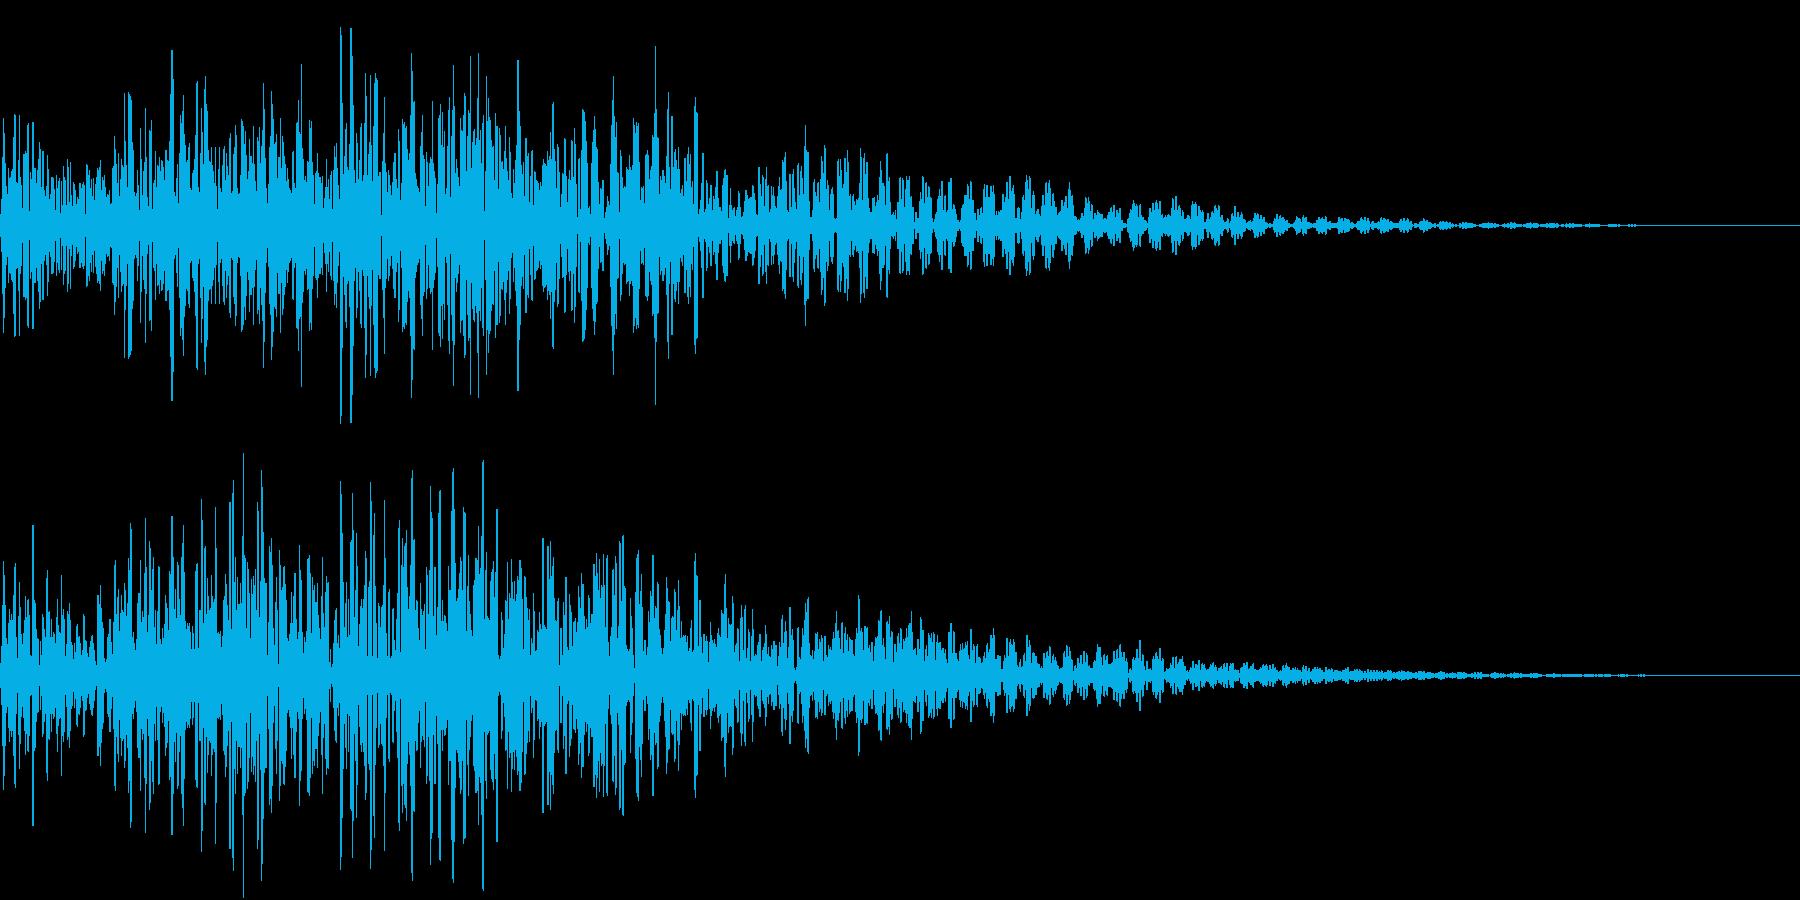 タンタタ タンタタ タン(和太鼓)の再生済みの波形